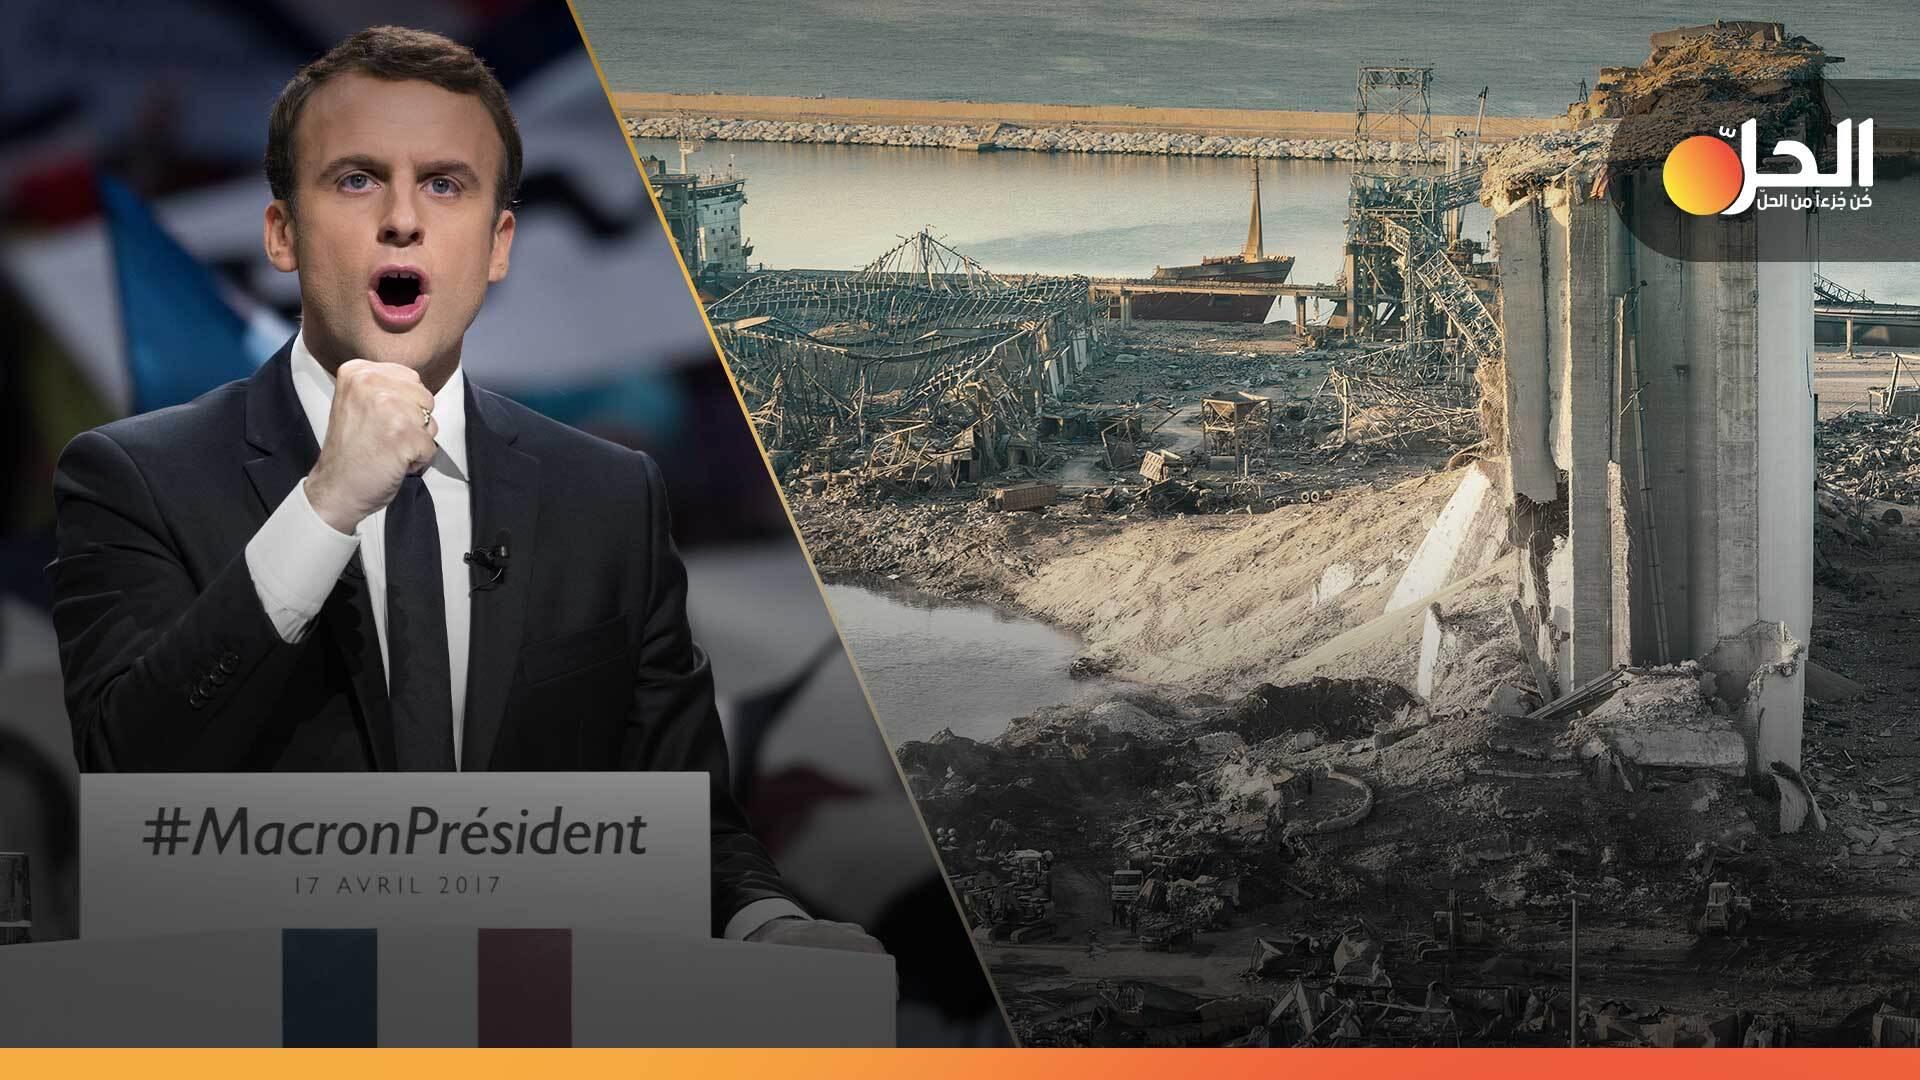 قادة أوروبيون في العزل بعد مخالطتهم الرئيس الفرنسي ولا زيارة إلى لبنان